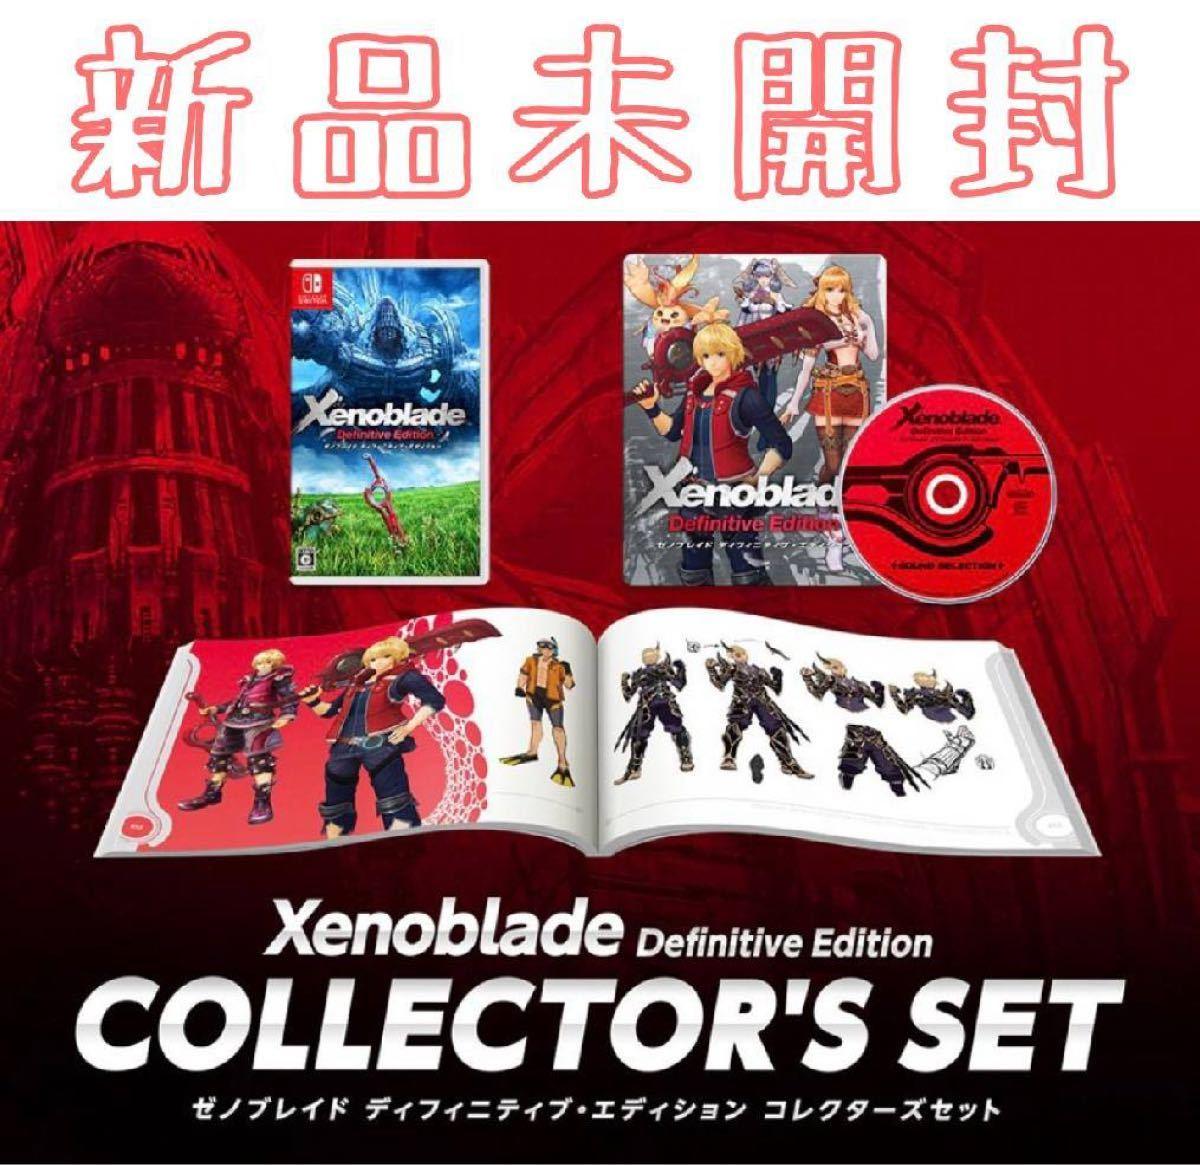 【新品】Xenoblade Definitive Edition